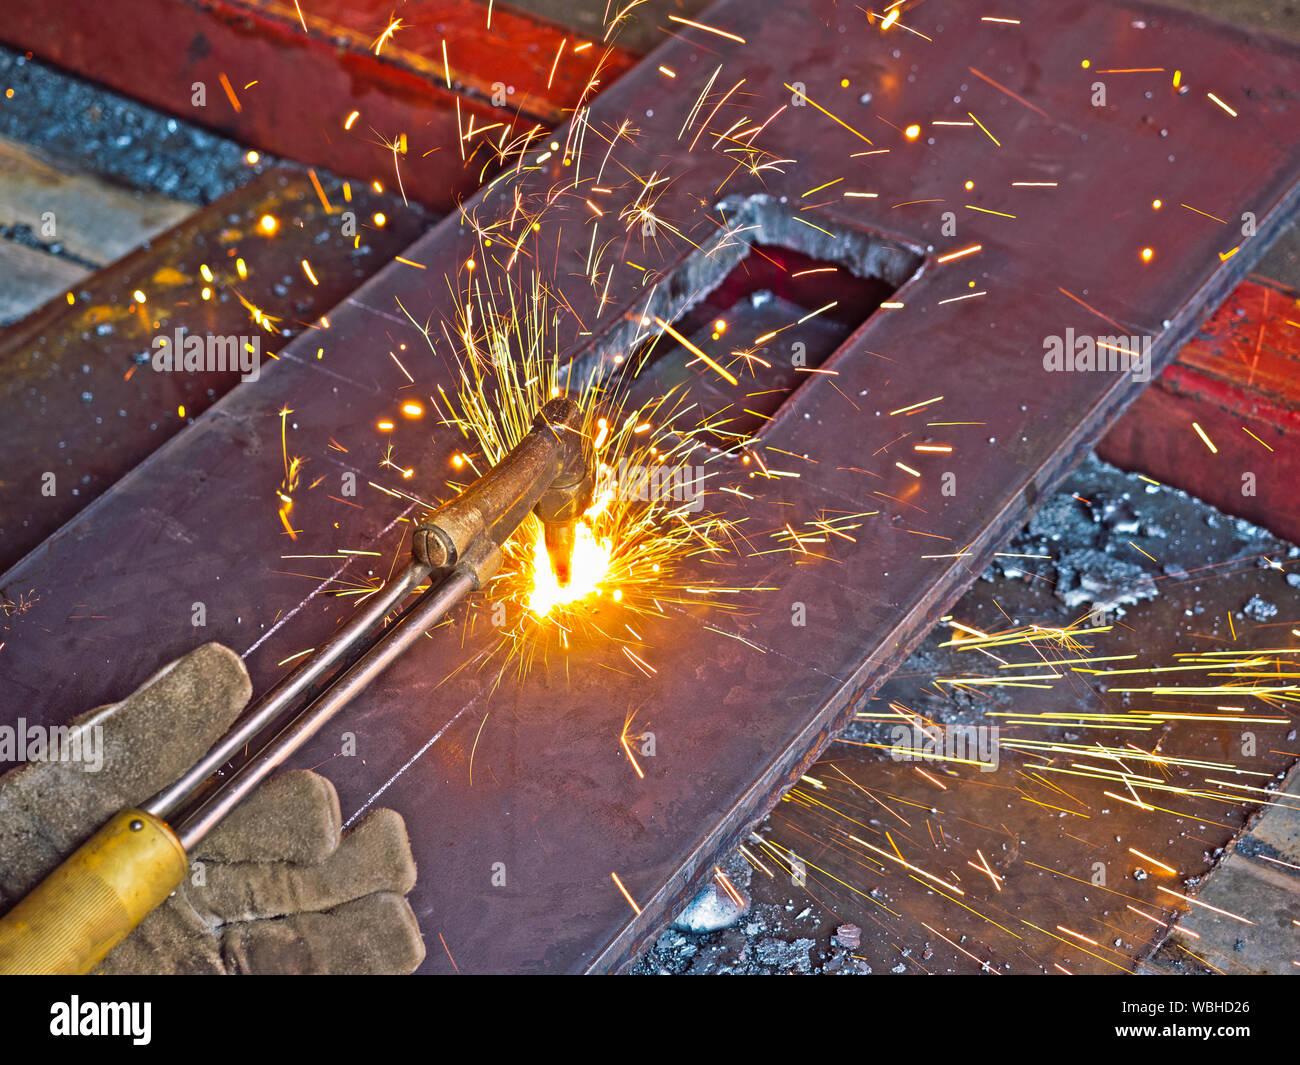 Trabajo En Estructura Metalica Imágenes De Stock Trabajo